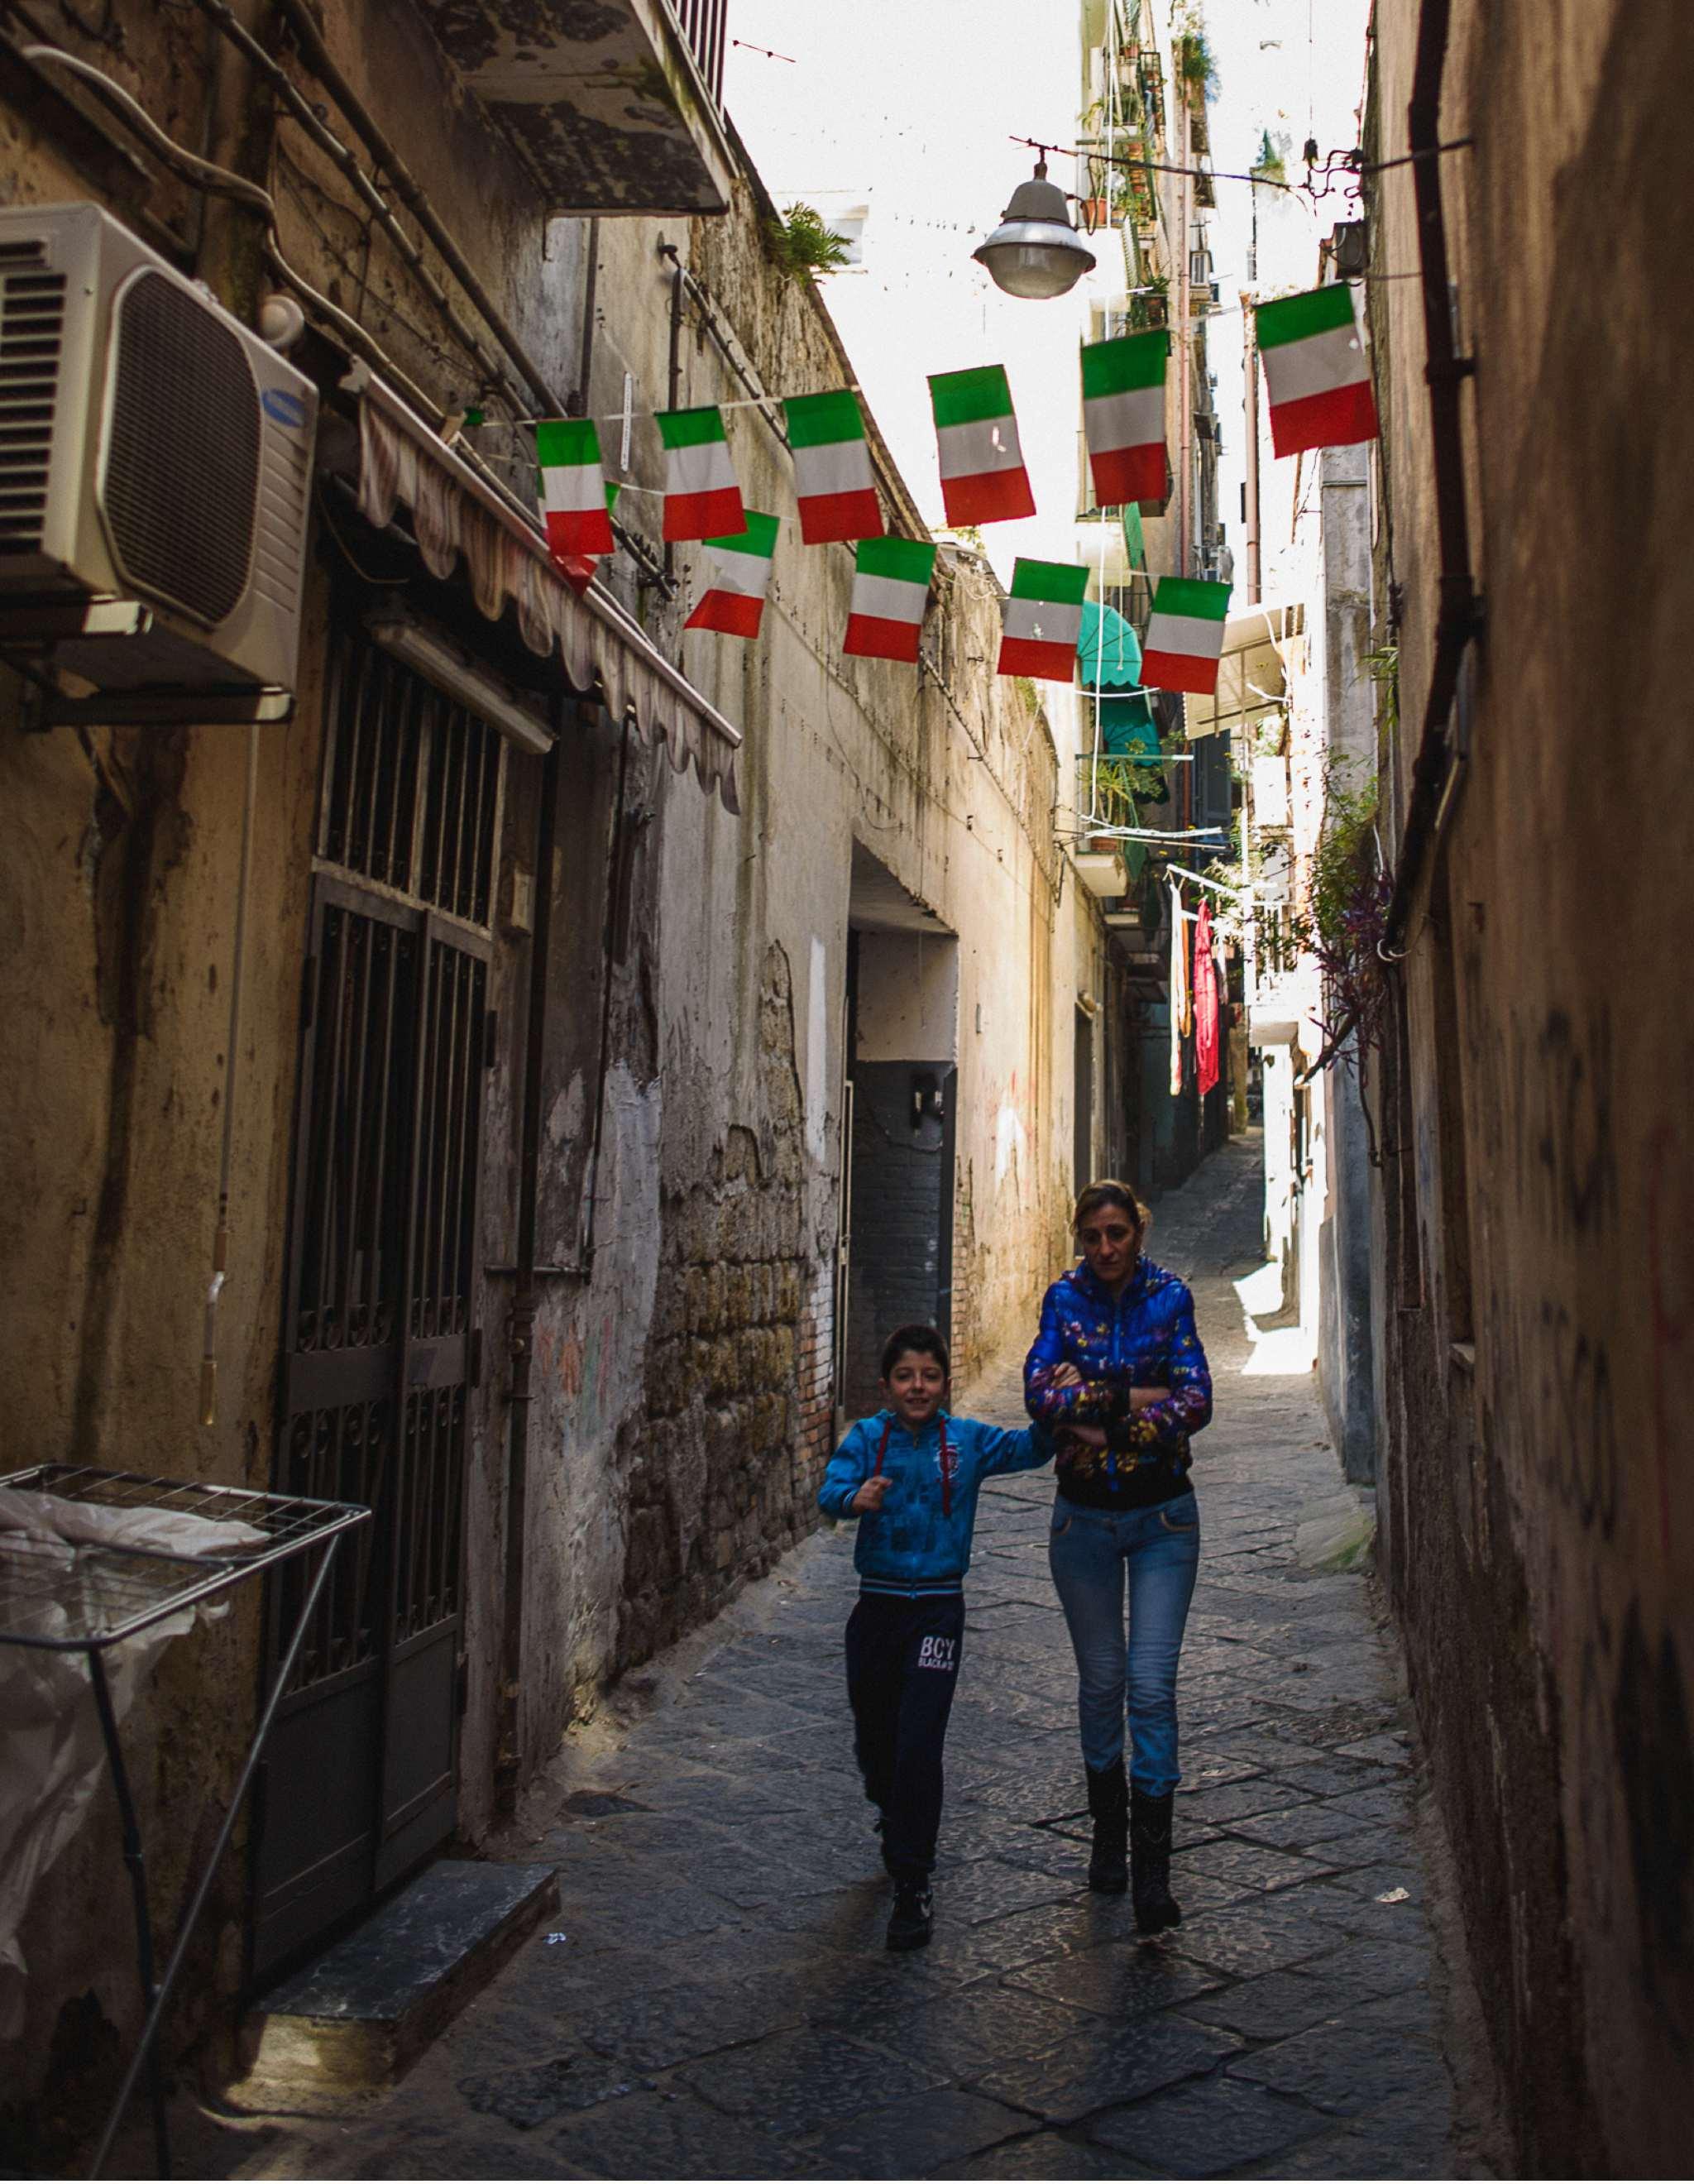 Interrail Reise - Italien Neapel - Geschichten von unterwegs - Foto Daniel Kempf-Seifried-46